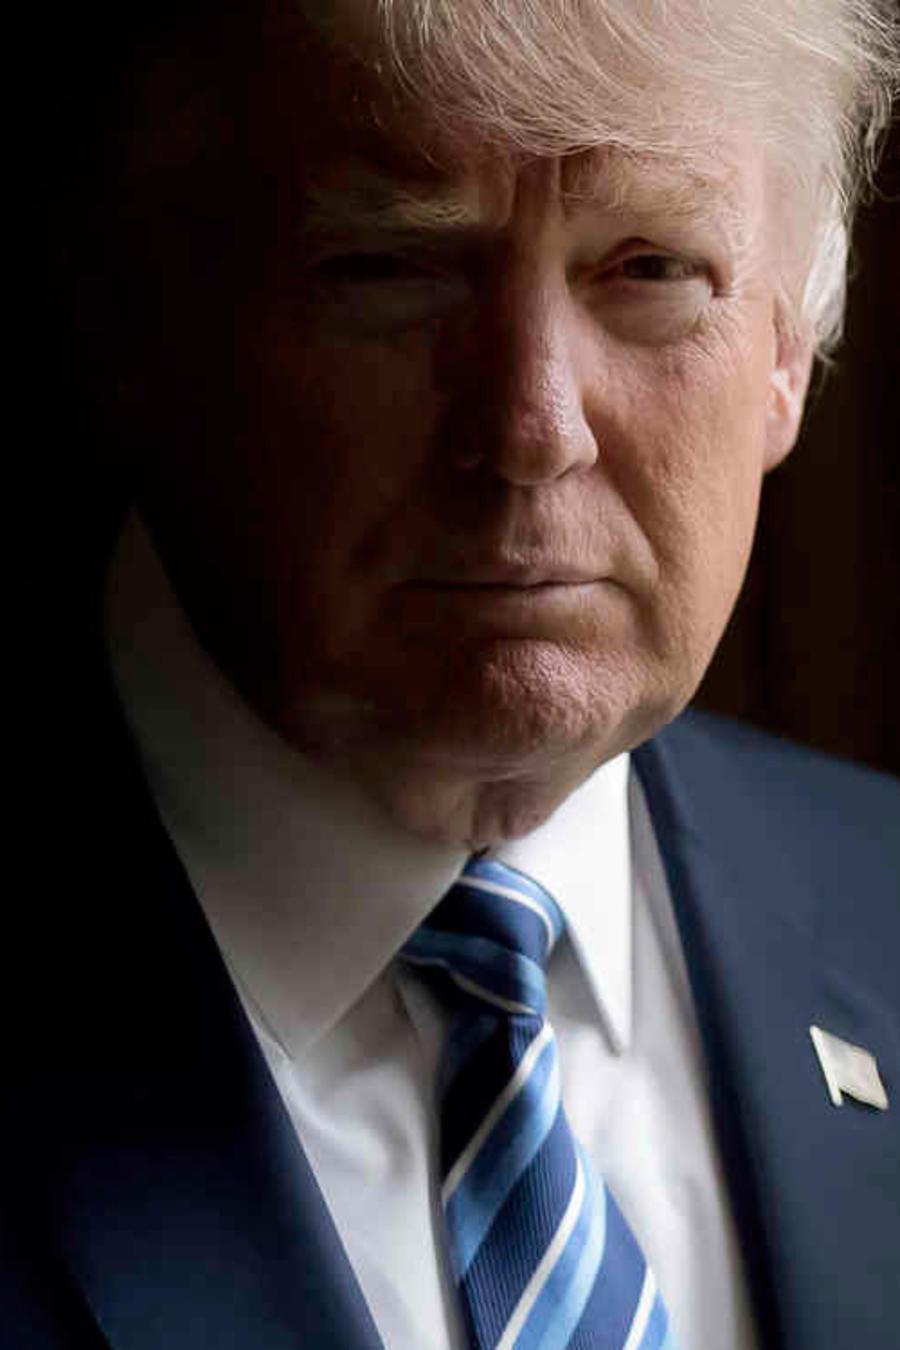 El presidente Donald Trump posa para una foto en la Oficina Oval de la Casa Blanca, en Washington, el viernes 21 de abril del 2017.